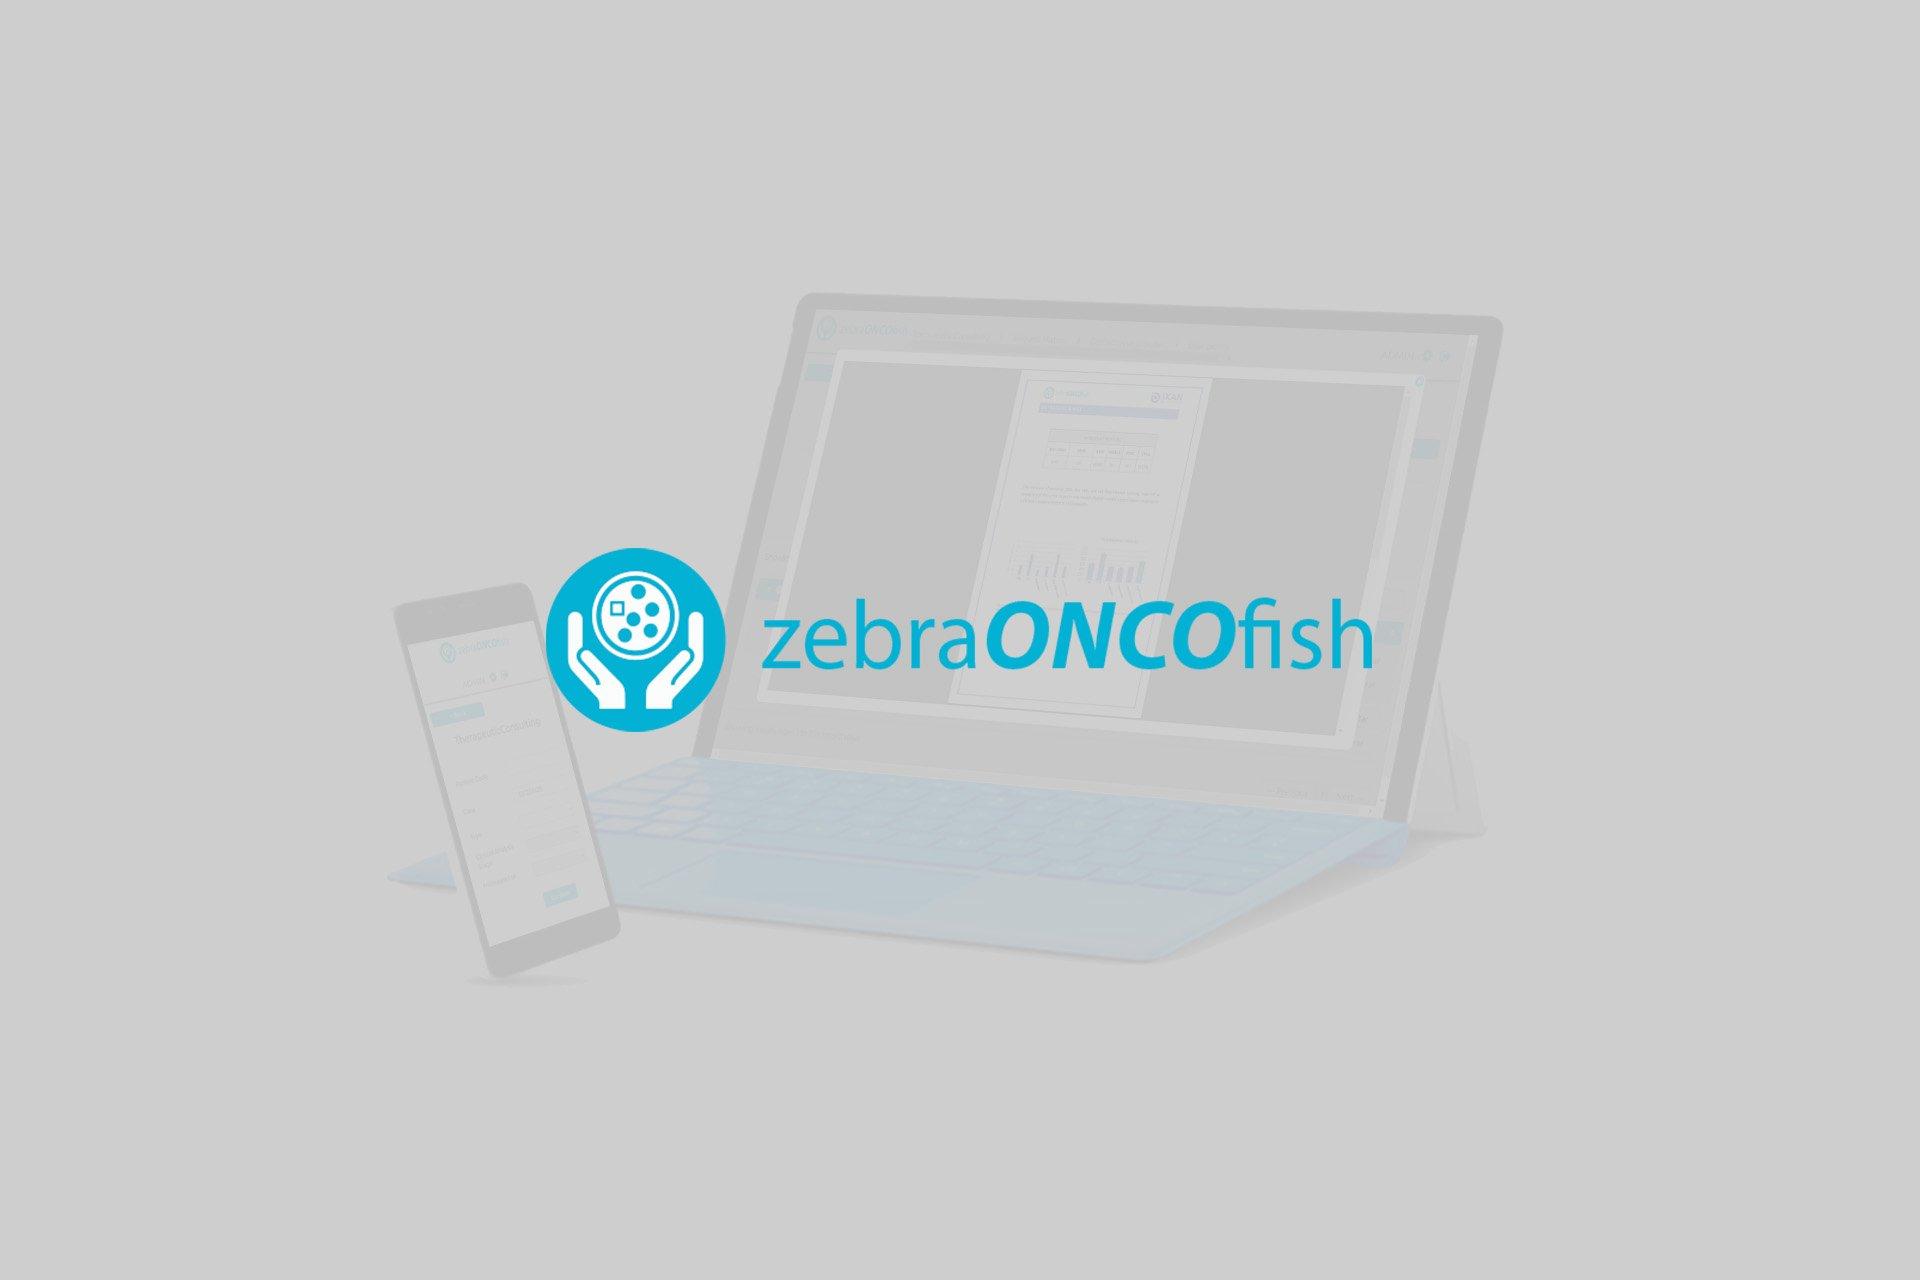 zebraoncofish